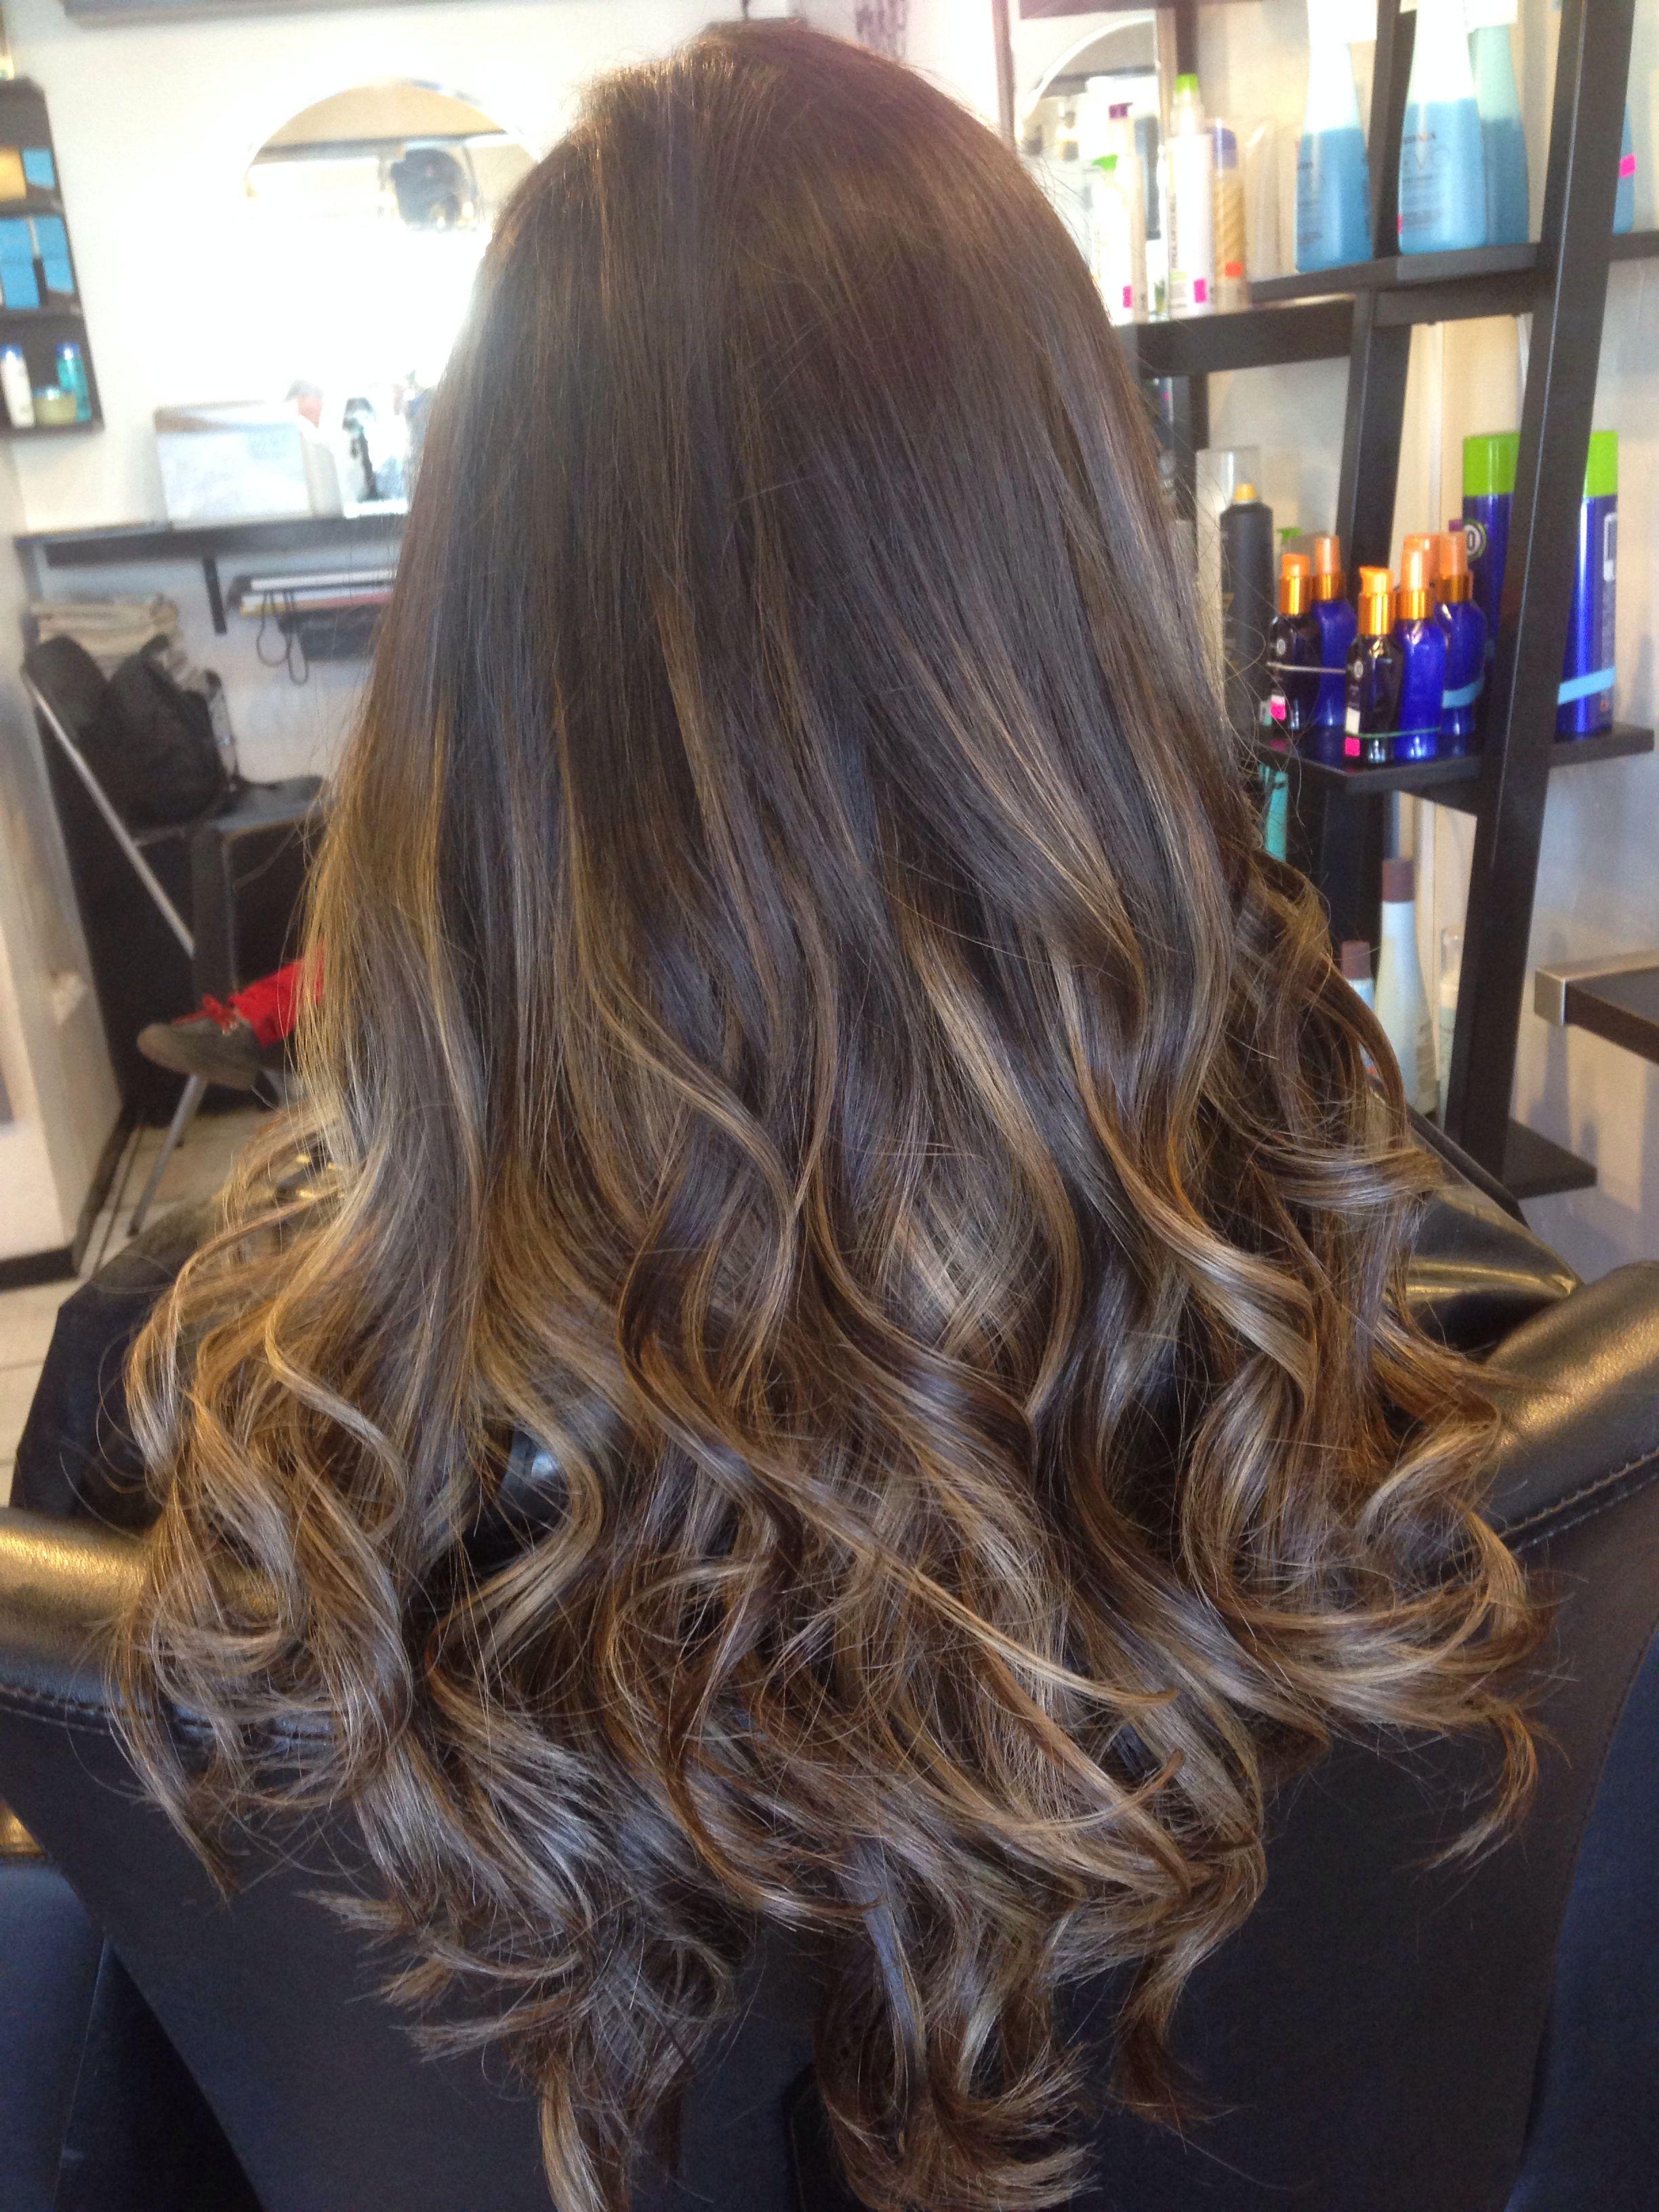 Sombré hairstyle Sombré hair http://jurovalendo.com.br/2014/11/17/sombre-hair-o-novo-loiro/